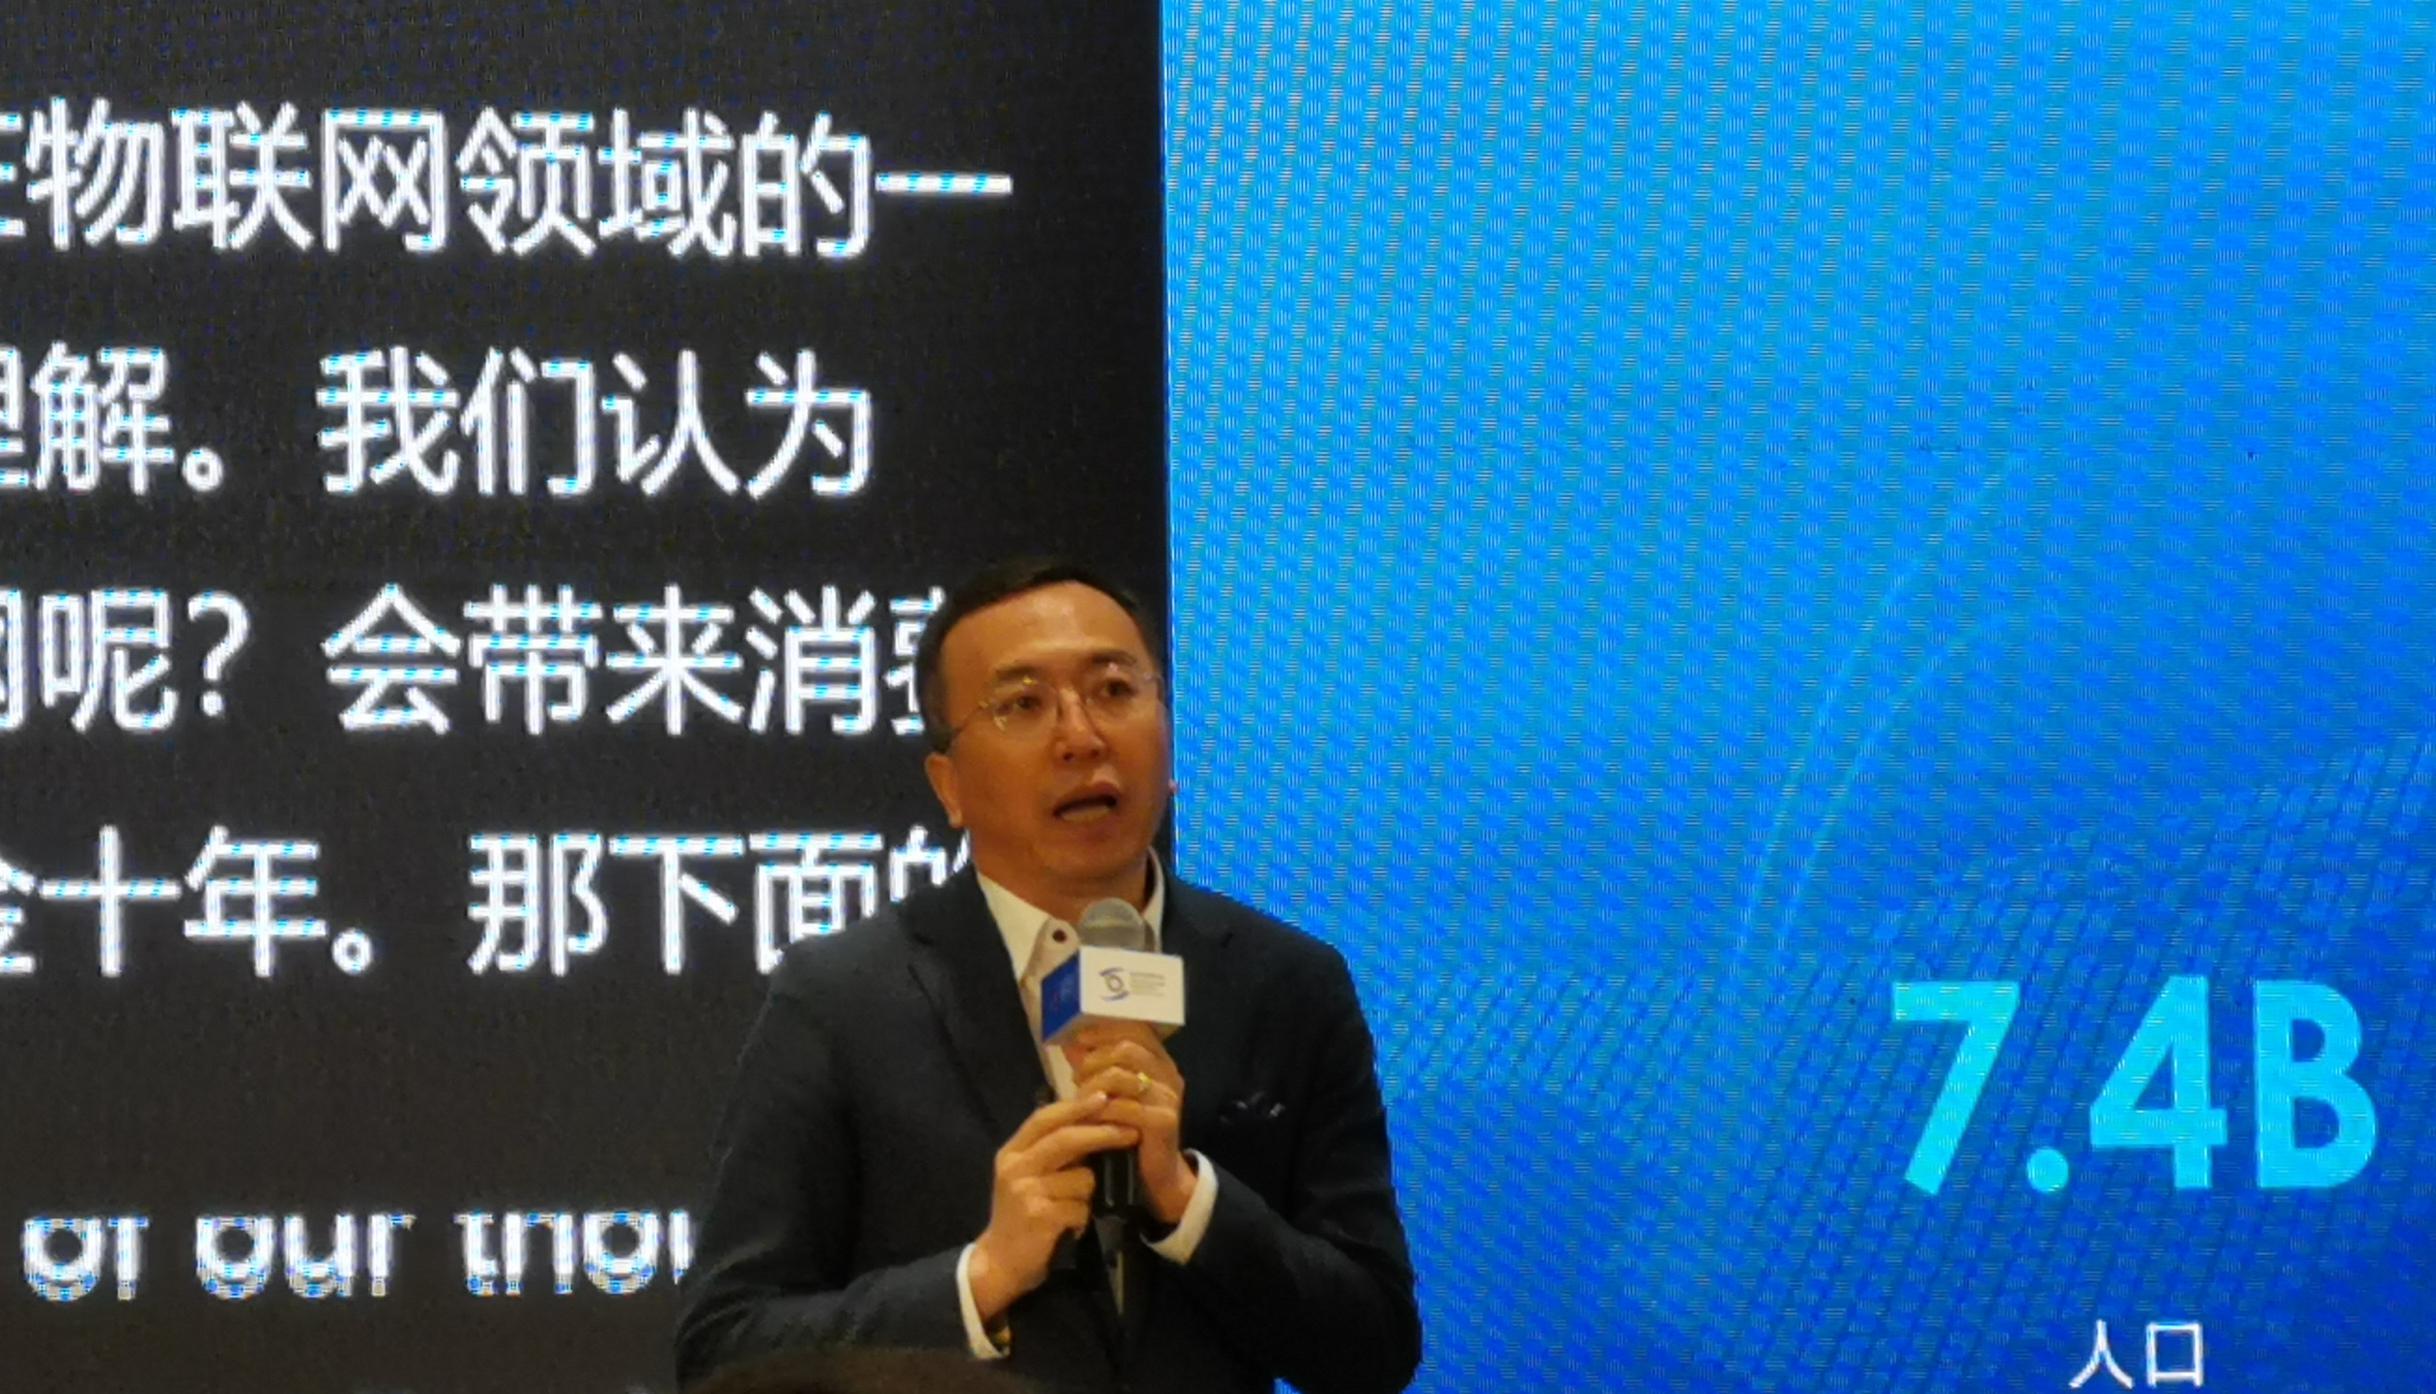 赵明:物联网将带来消费革命的下一个黄金十年